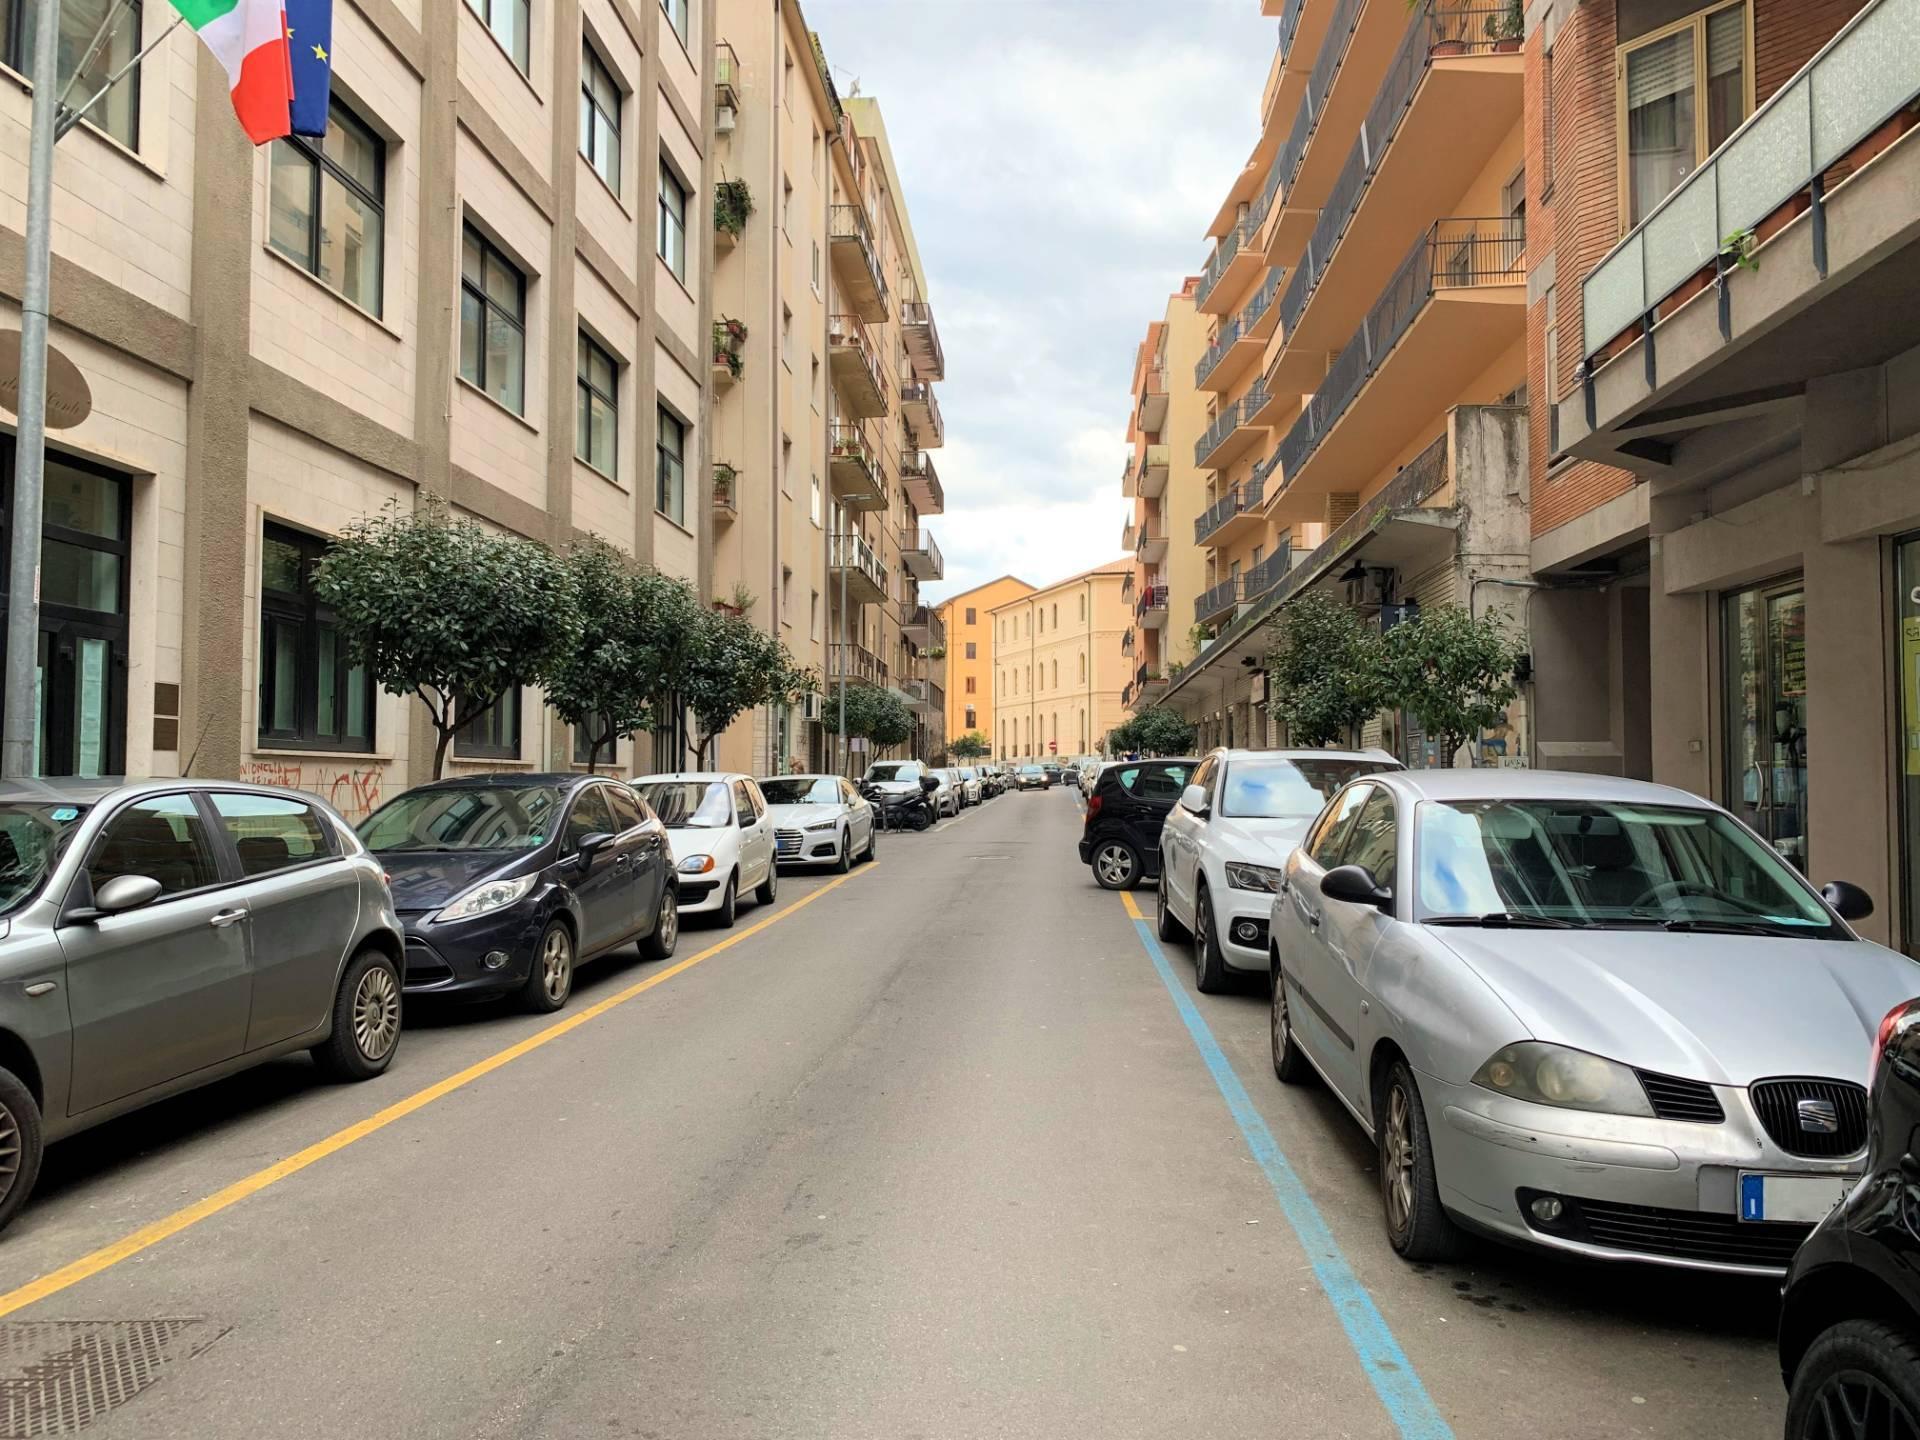 Appartamento in affitto a Catanzaro, 3 locali, zona Località: CatanzaroCentro, prezzo € 550 | CambioCasa.it